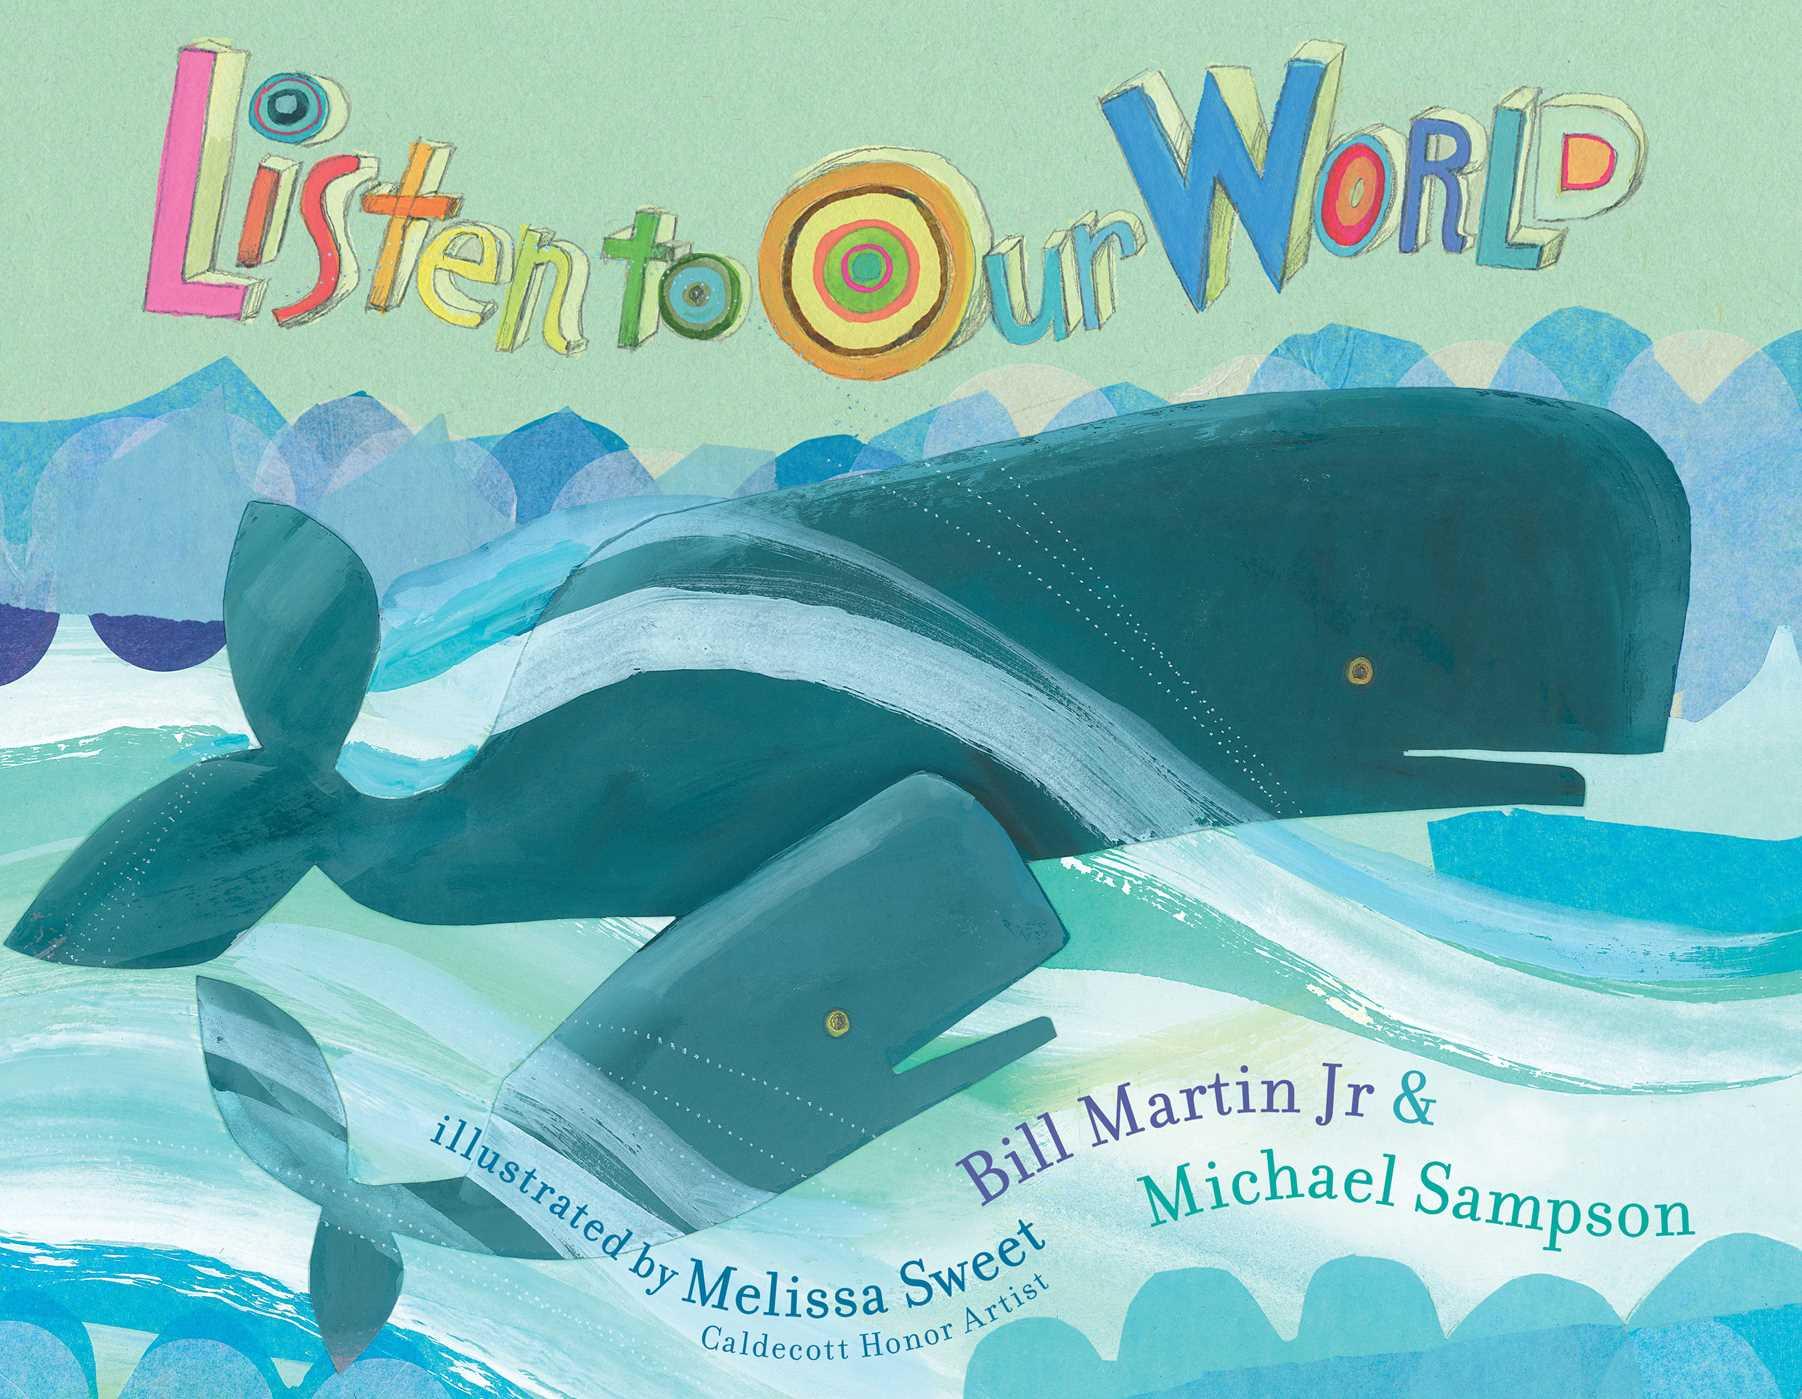 Listen to our world 9781442454729 hr